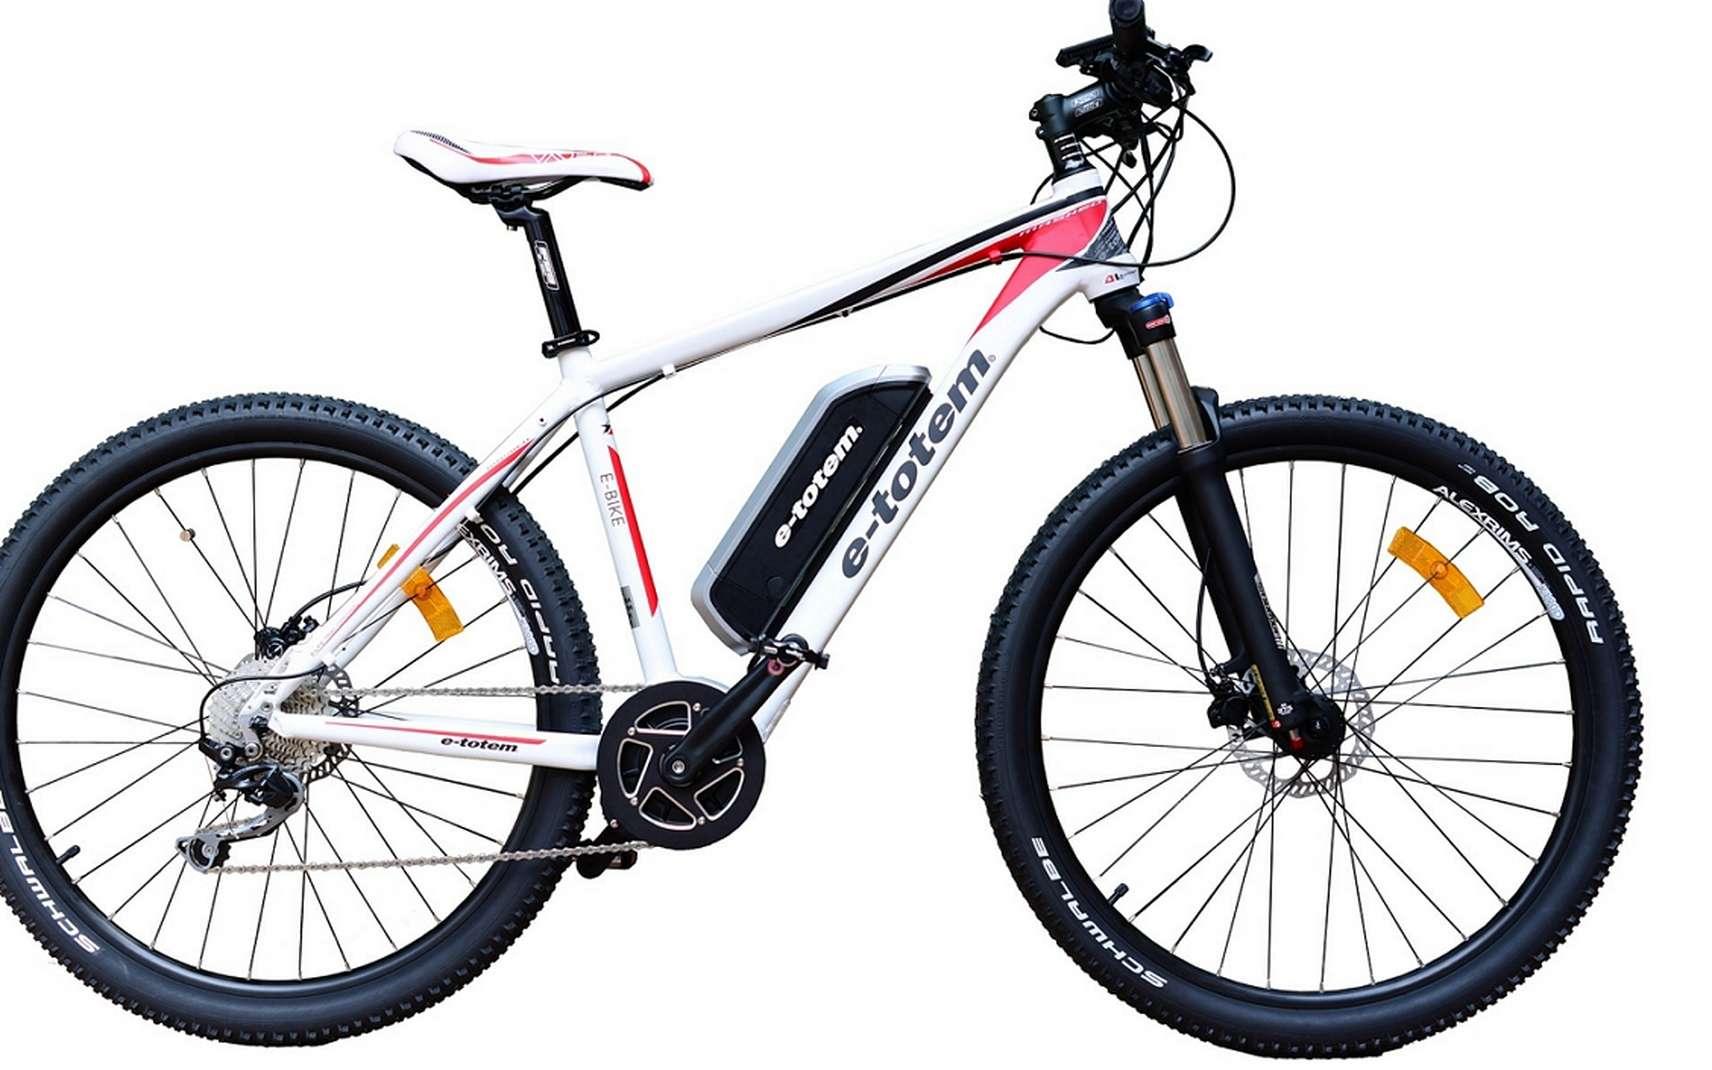 VTT électrique © bicicleta, Pixabay